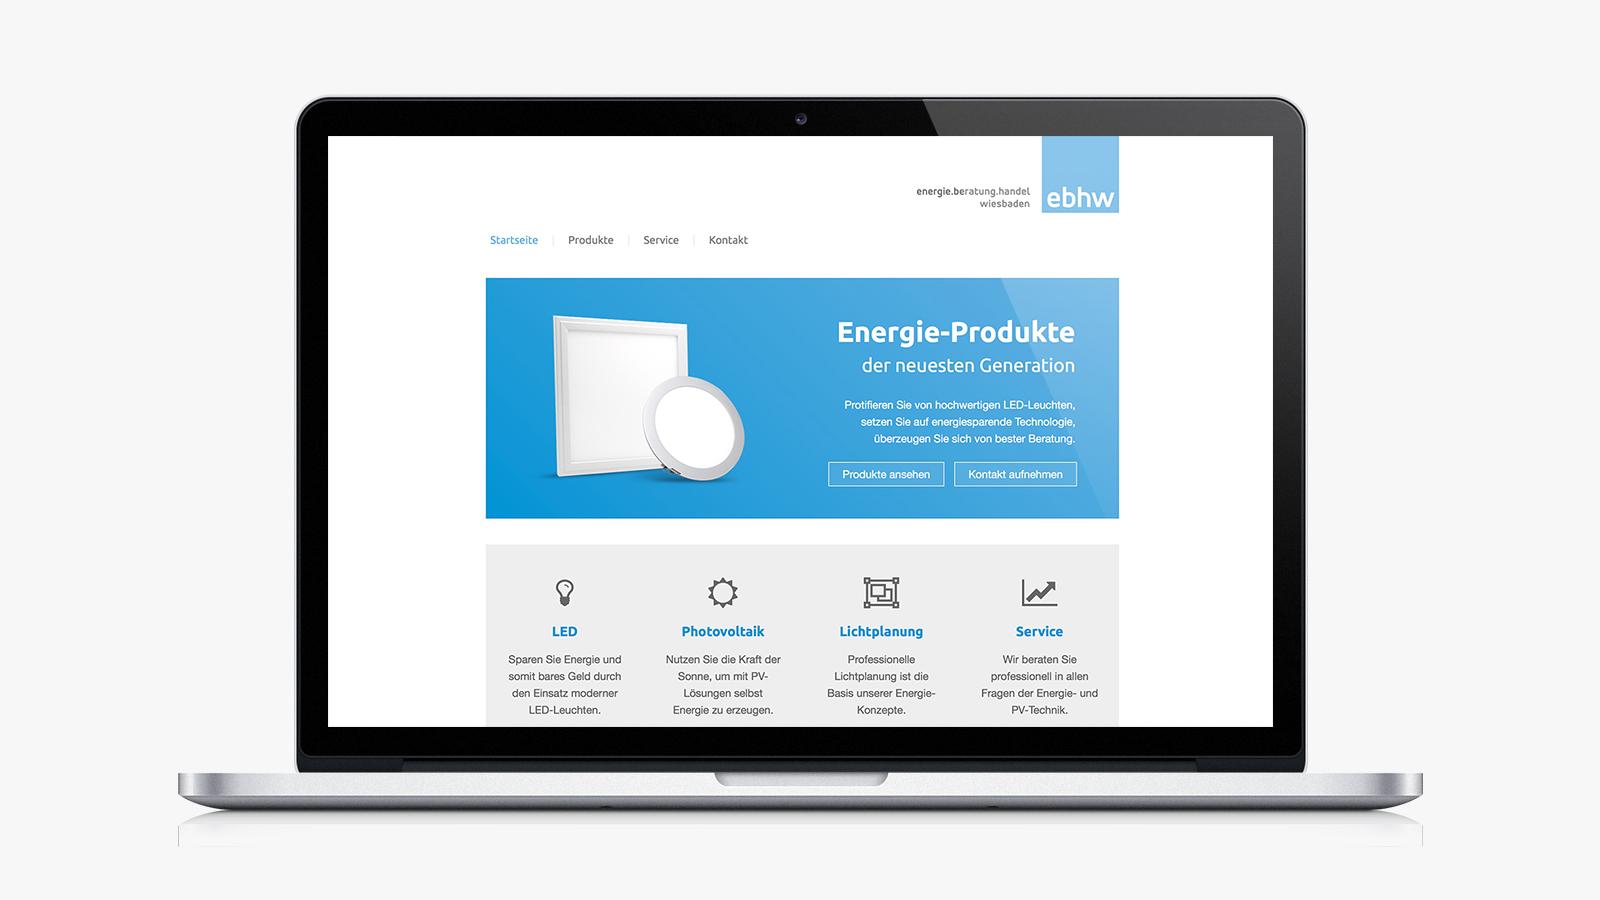 ebhw-website